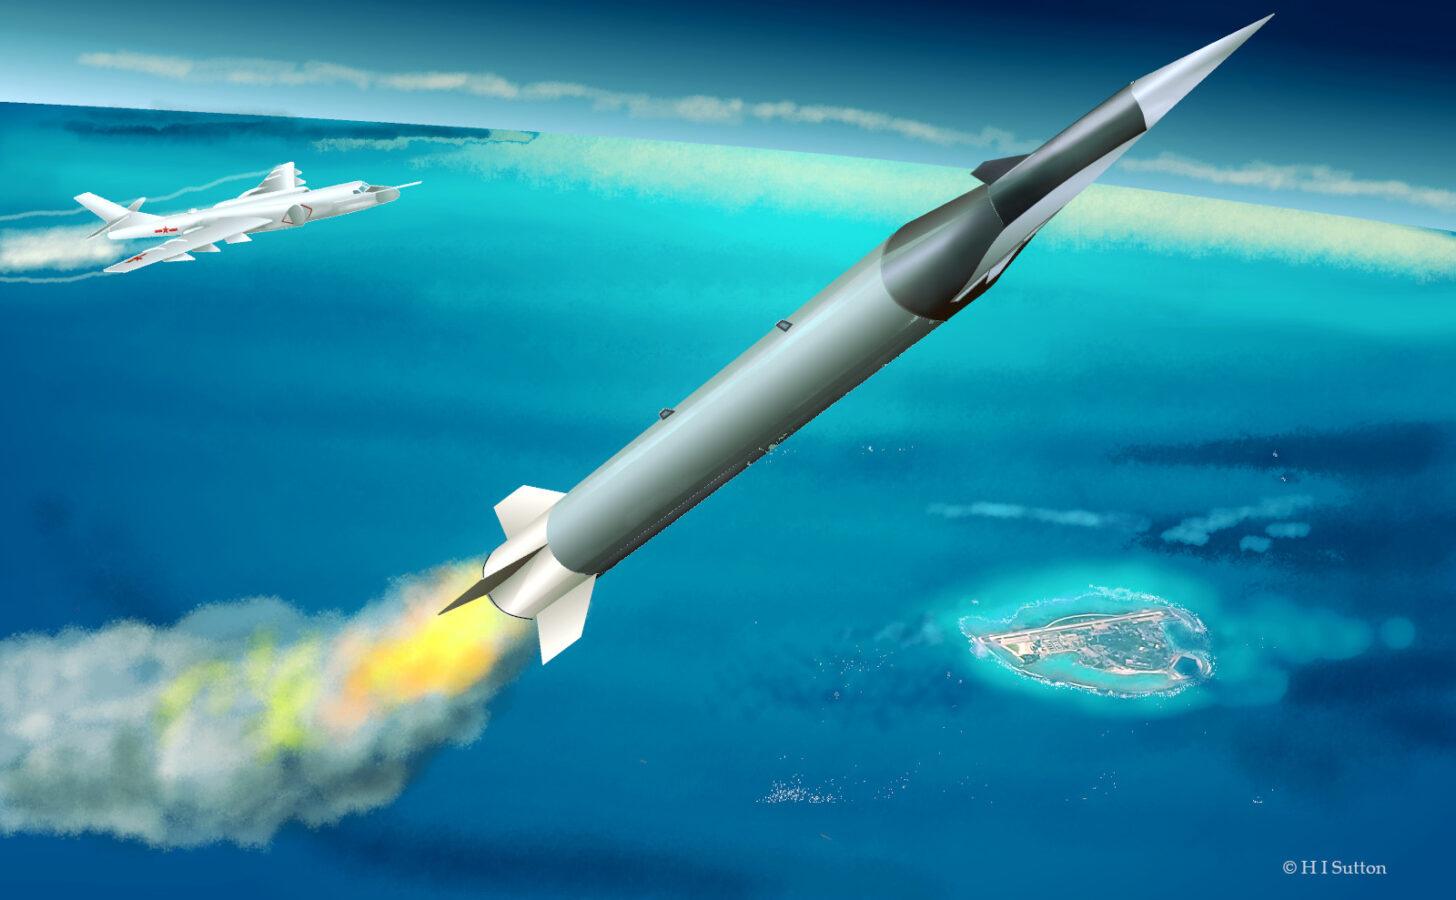 """Unde se va prăbuși racheta? """"Neglijență din partea Chinei; nu lași lucrurile de peste 10 tone să cadă din cer necontrolat"""""""